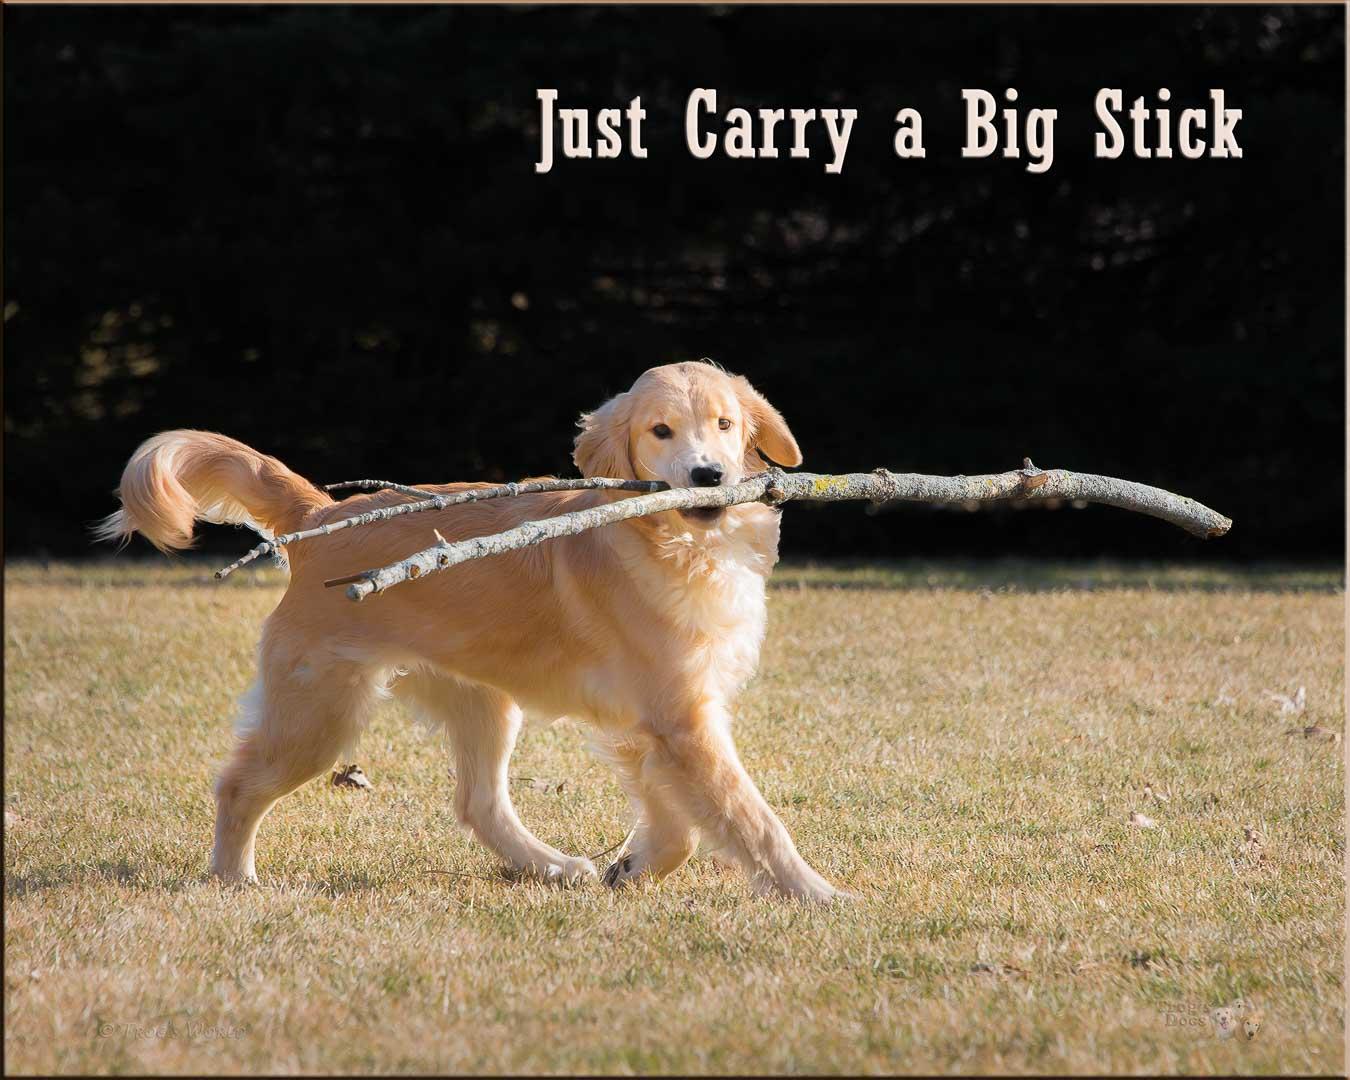 Golden Retriever puppy carrying a big stick